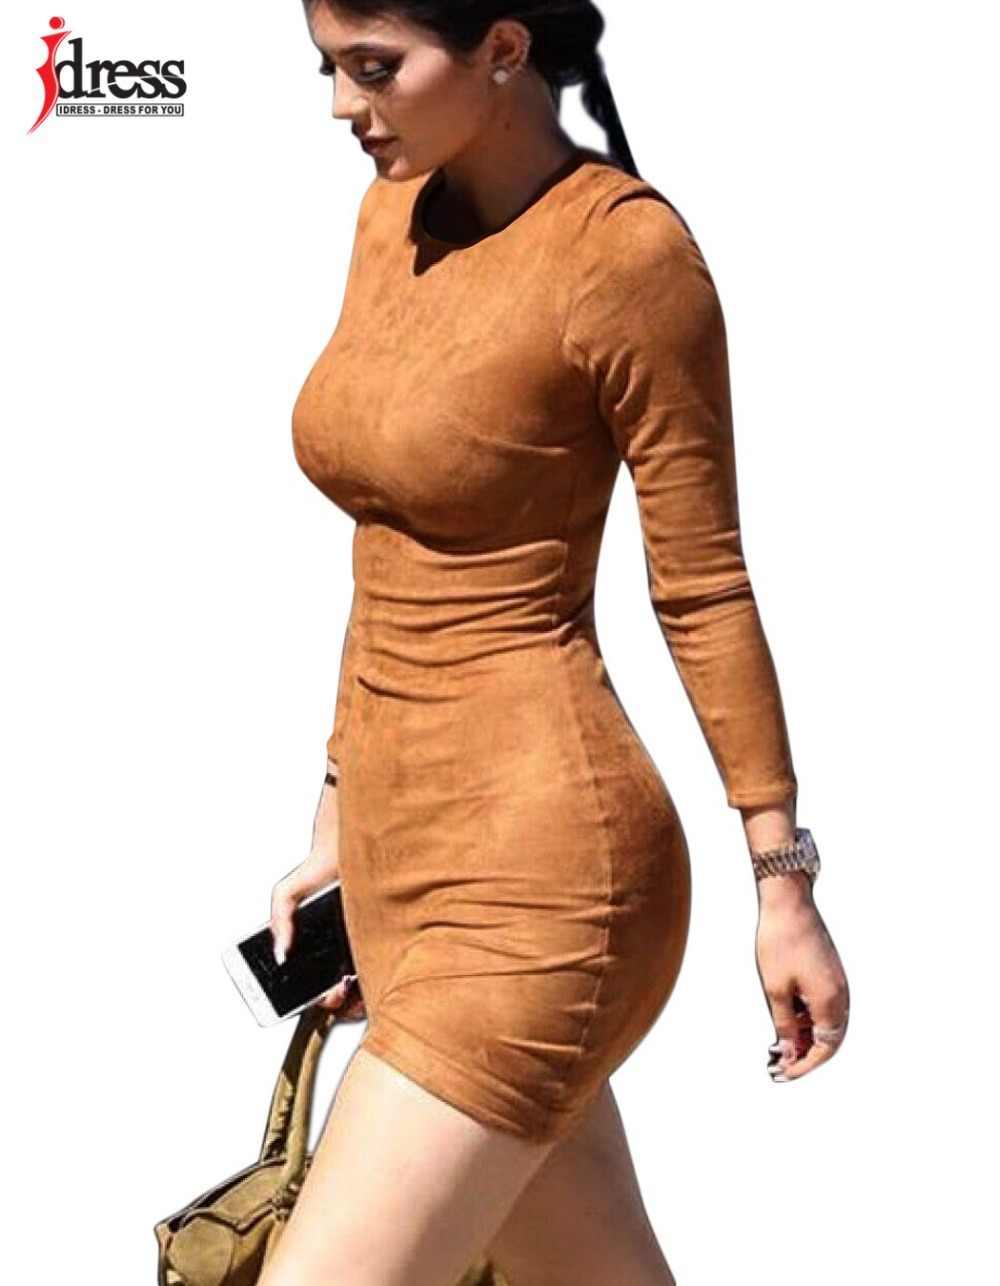 IDress 2017 серый/коричневые из искусственной замши Платье облегающее вечерние платье женская одежда сексуальное Клубное платье на завязках с длинным рукавом, осень-зима платье